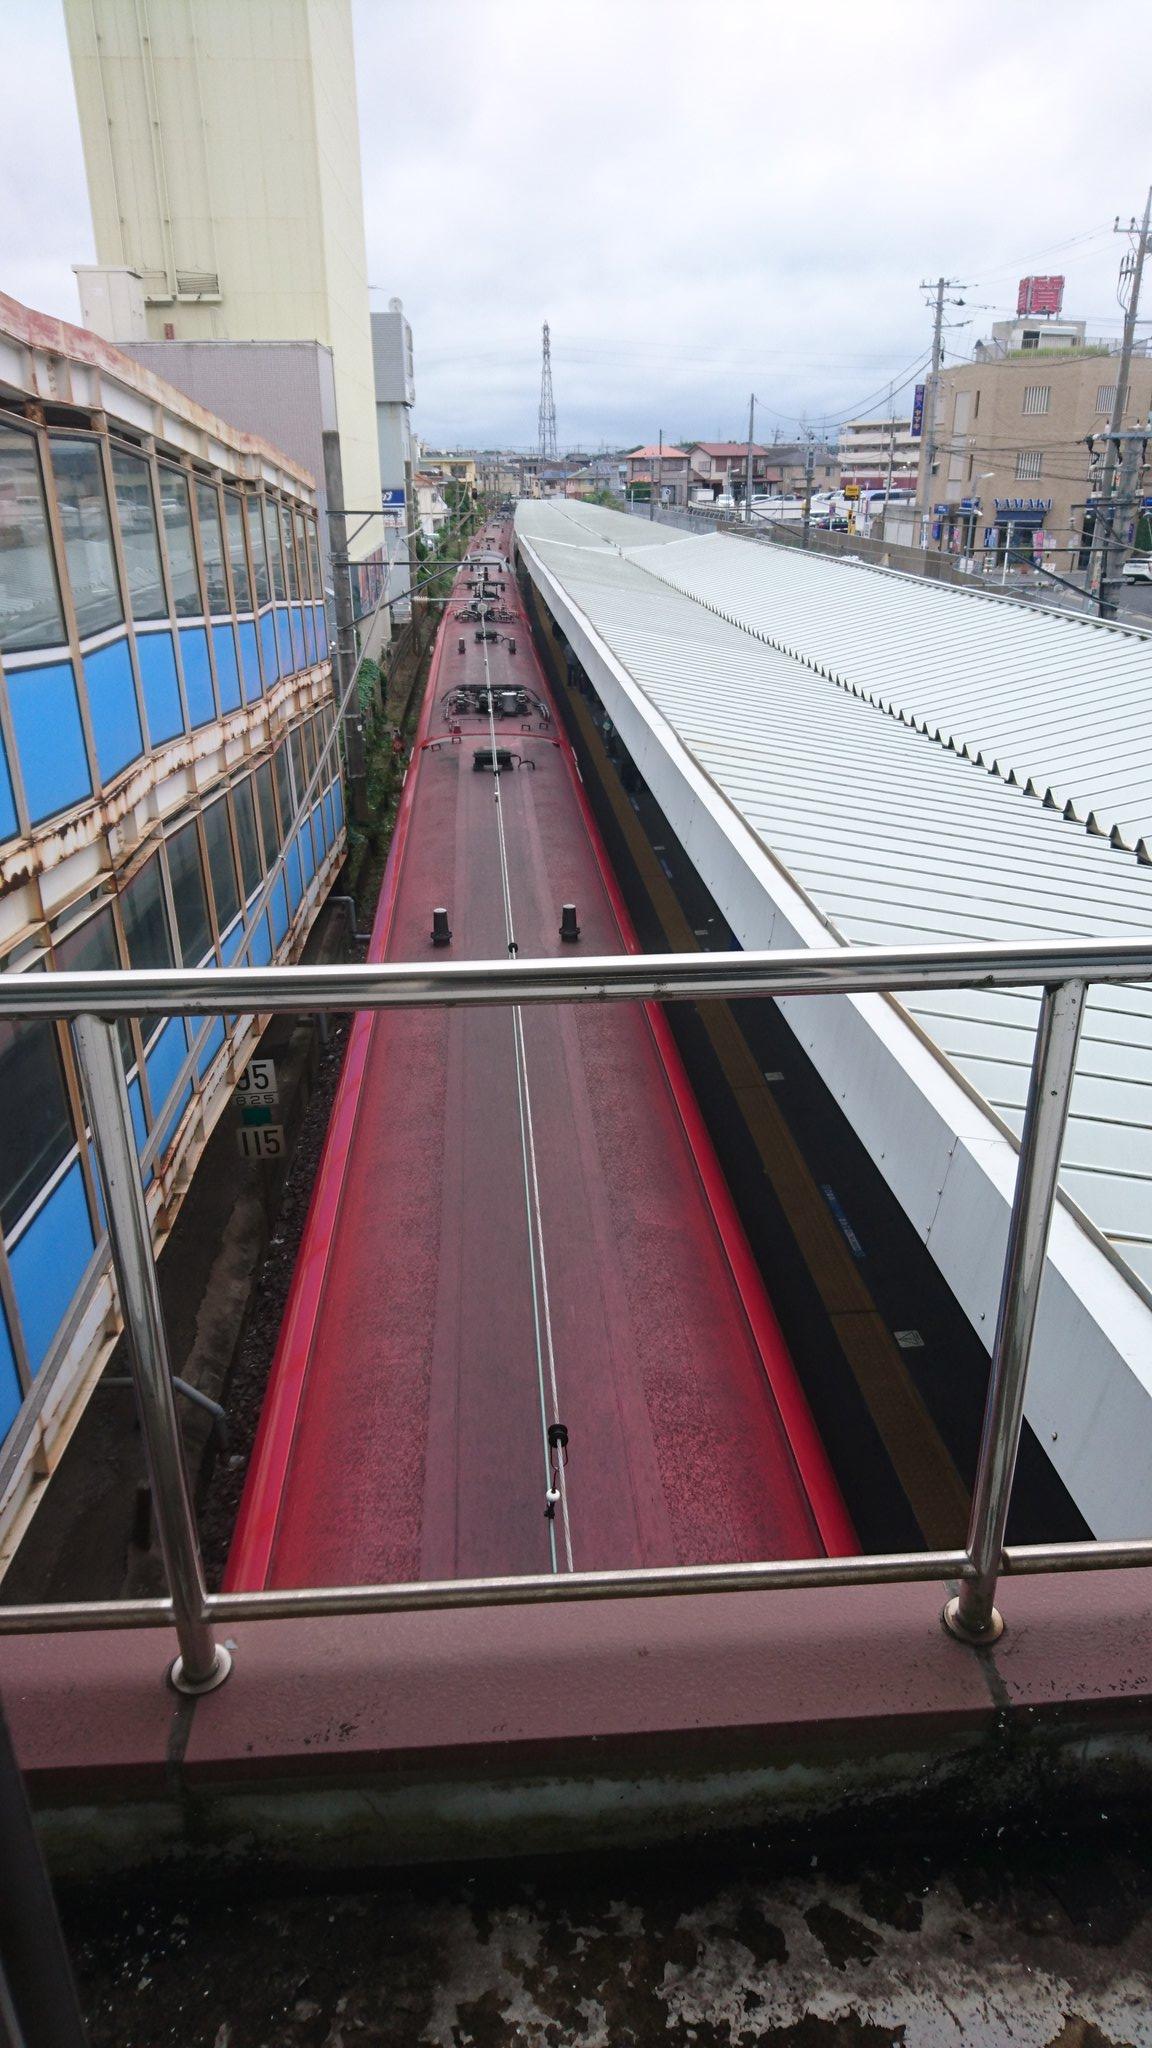 総武線・成田線の都賀駅で人身事故が起きた現場の画像